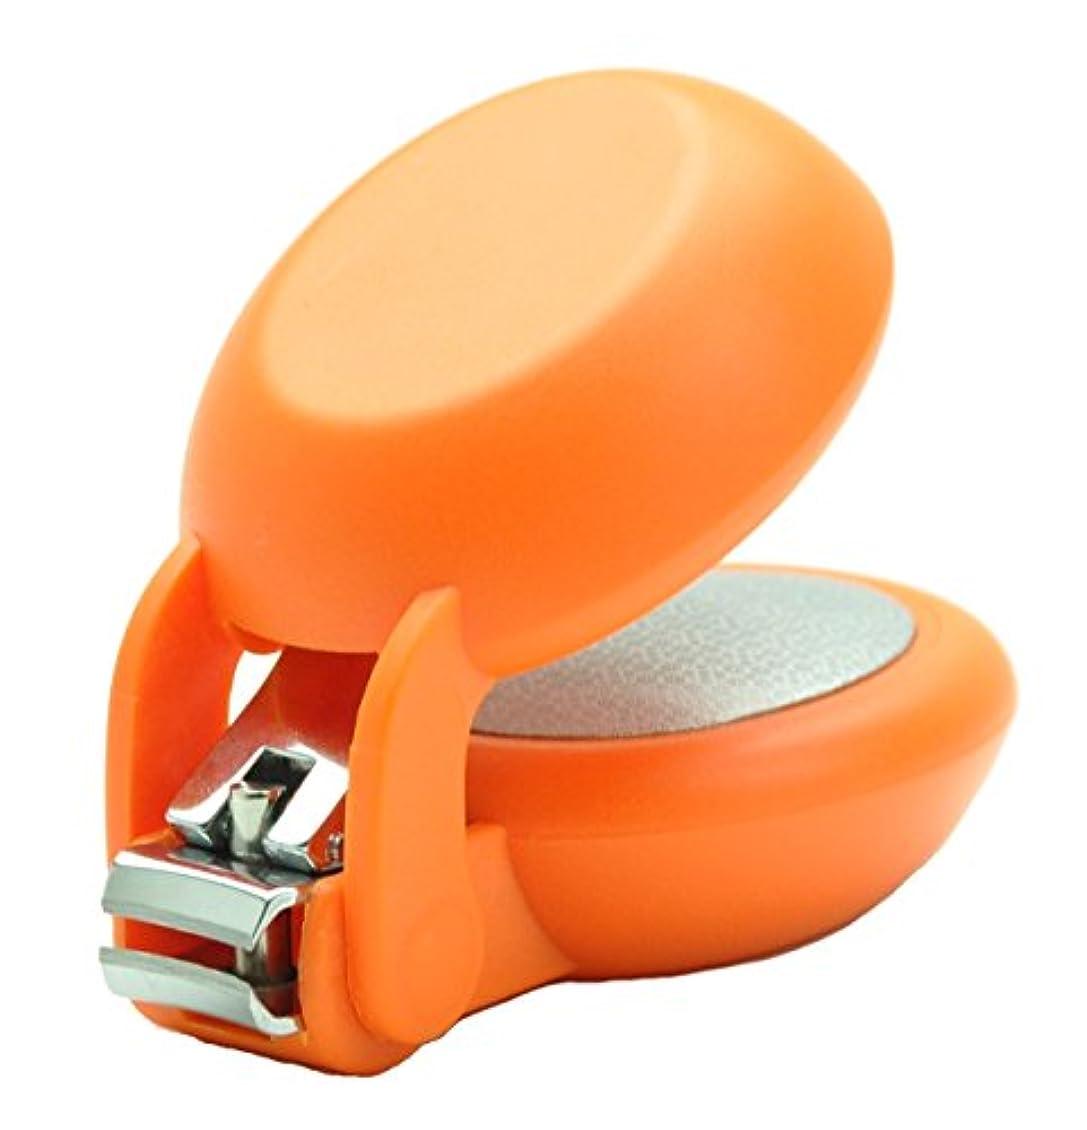 アミューズメント好戦的な類推爪切り nail clipper (ネイルクリッパー) Nail+ (ネイルプラス) Orange (オレンジ)